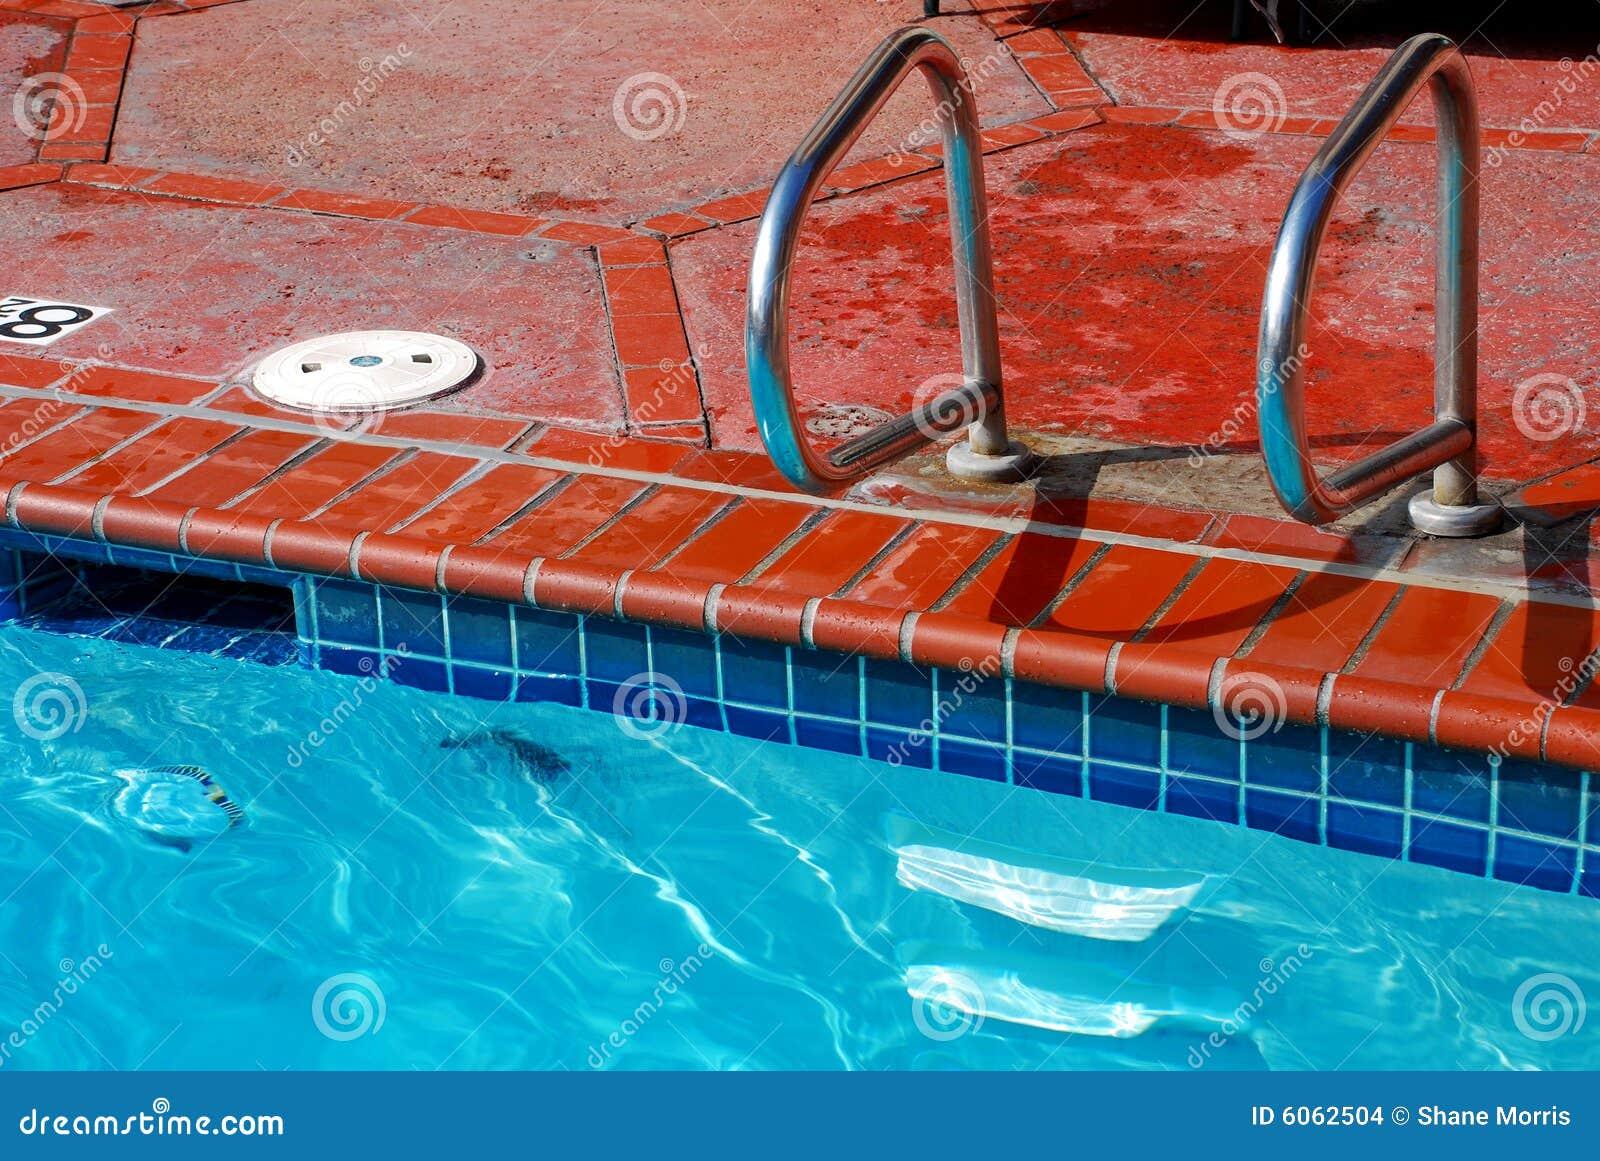 Borde y azulejo de la piscina del ladrillo imagenes de for Bordes de piscinas fotos